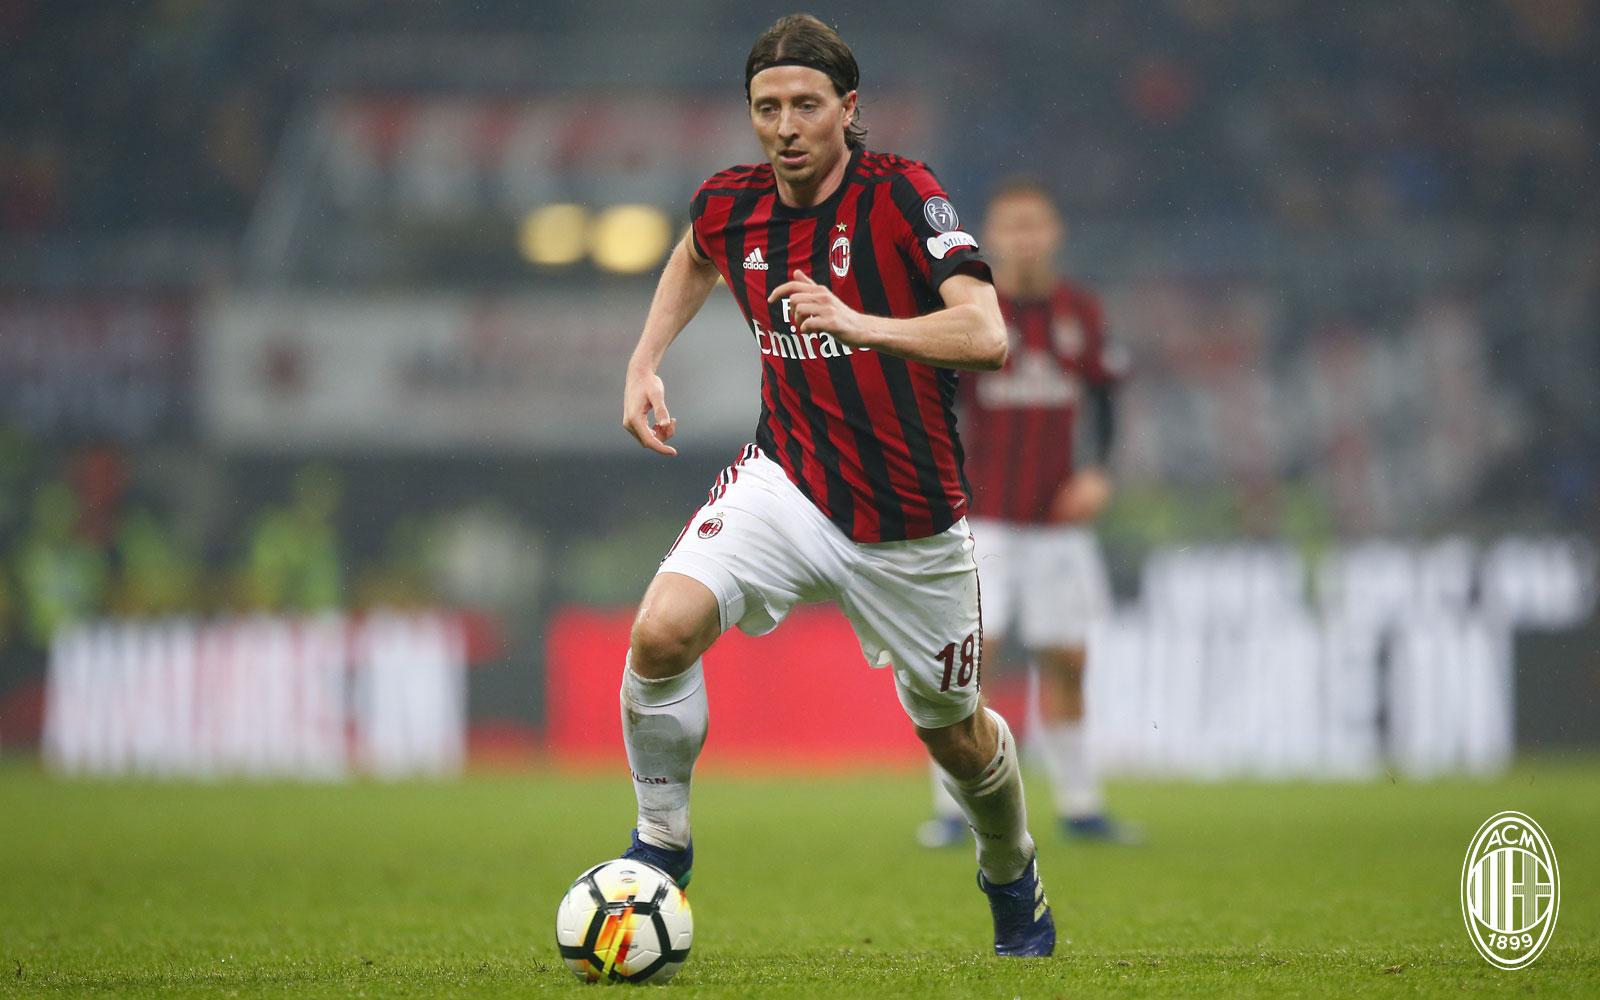 Riccardo Montolivo during Milan-Inter at Stadio San Siro on April 4, 2018. (@acmilan.com)